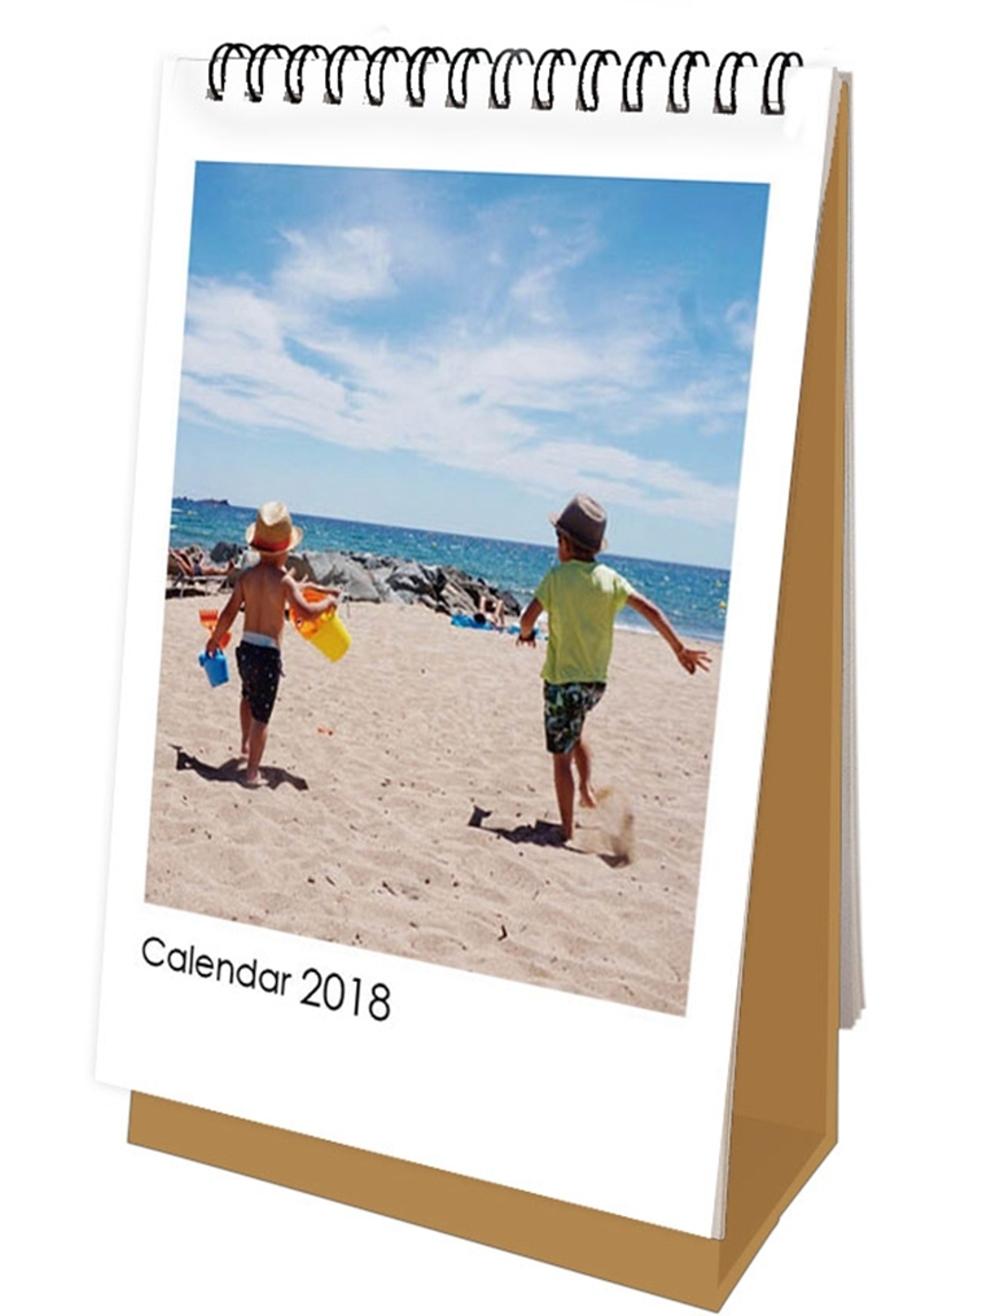 亞歷&阿弟 童真遊趣2018年桌曆(博客來獨家販售)